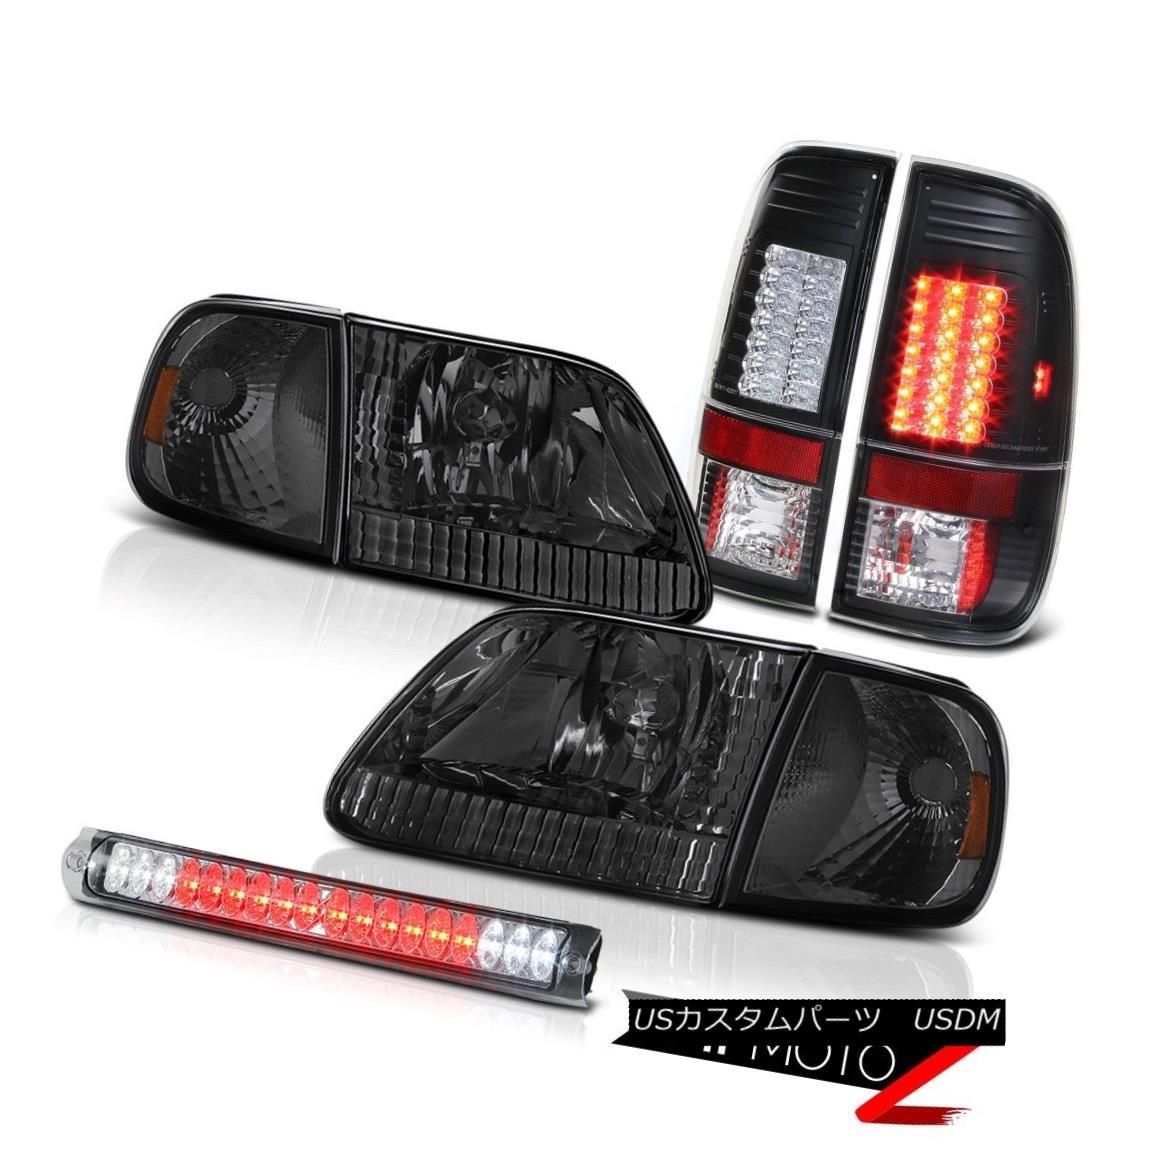 テールライト 1997-2003 Ford F150 Parking Headlights Black LED Tail Light Euro High Stop Cargo 1997-2003フォードF150パーキングヘッドライトブラックLEDテールライトユーロハイストップカーゴ